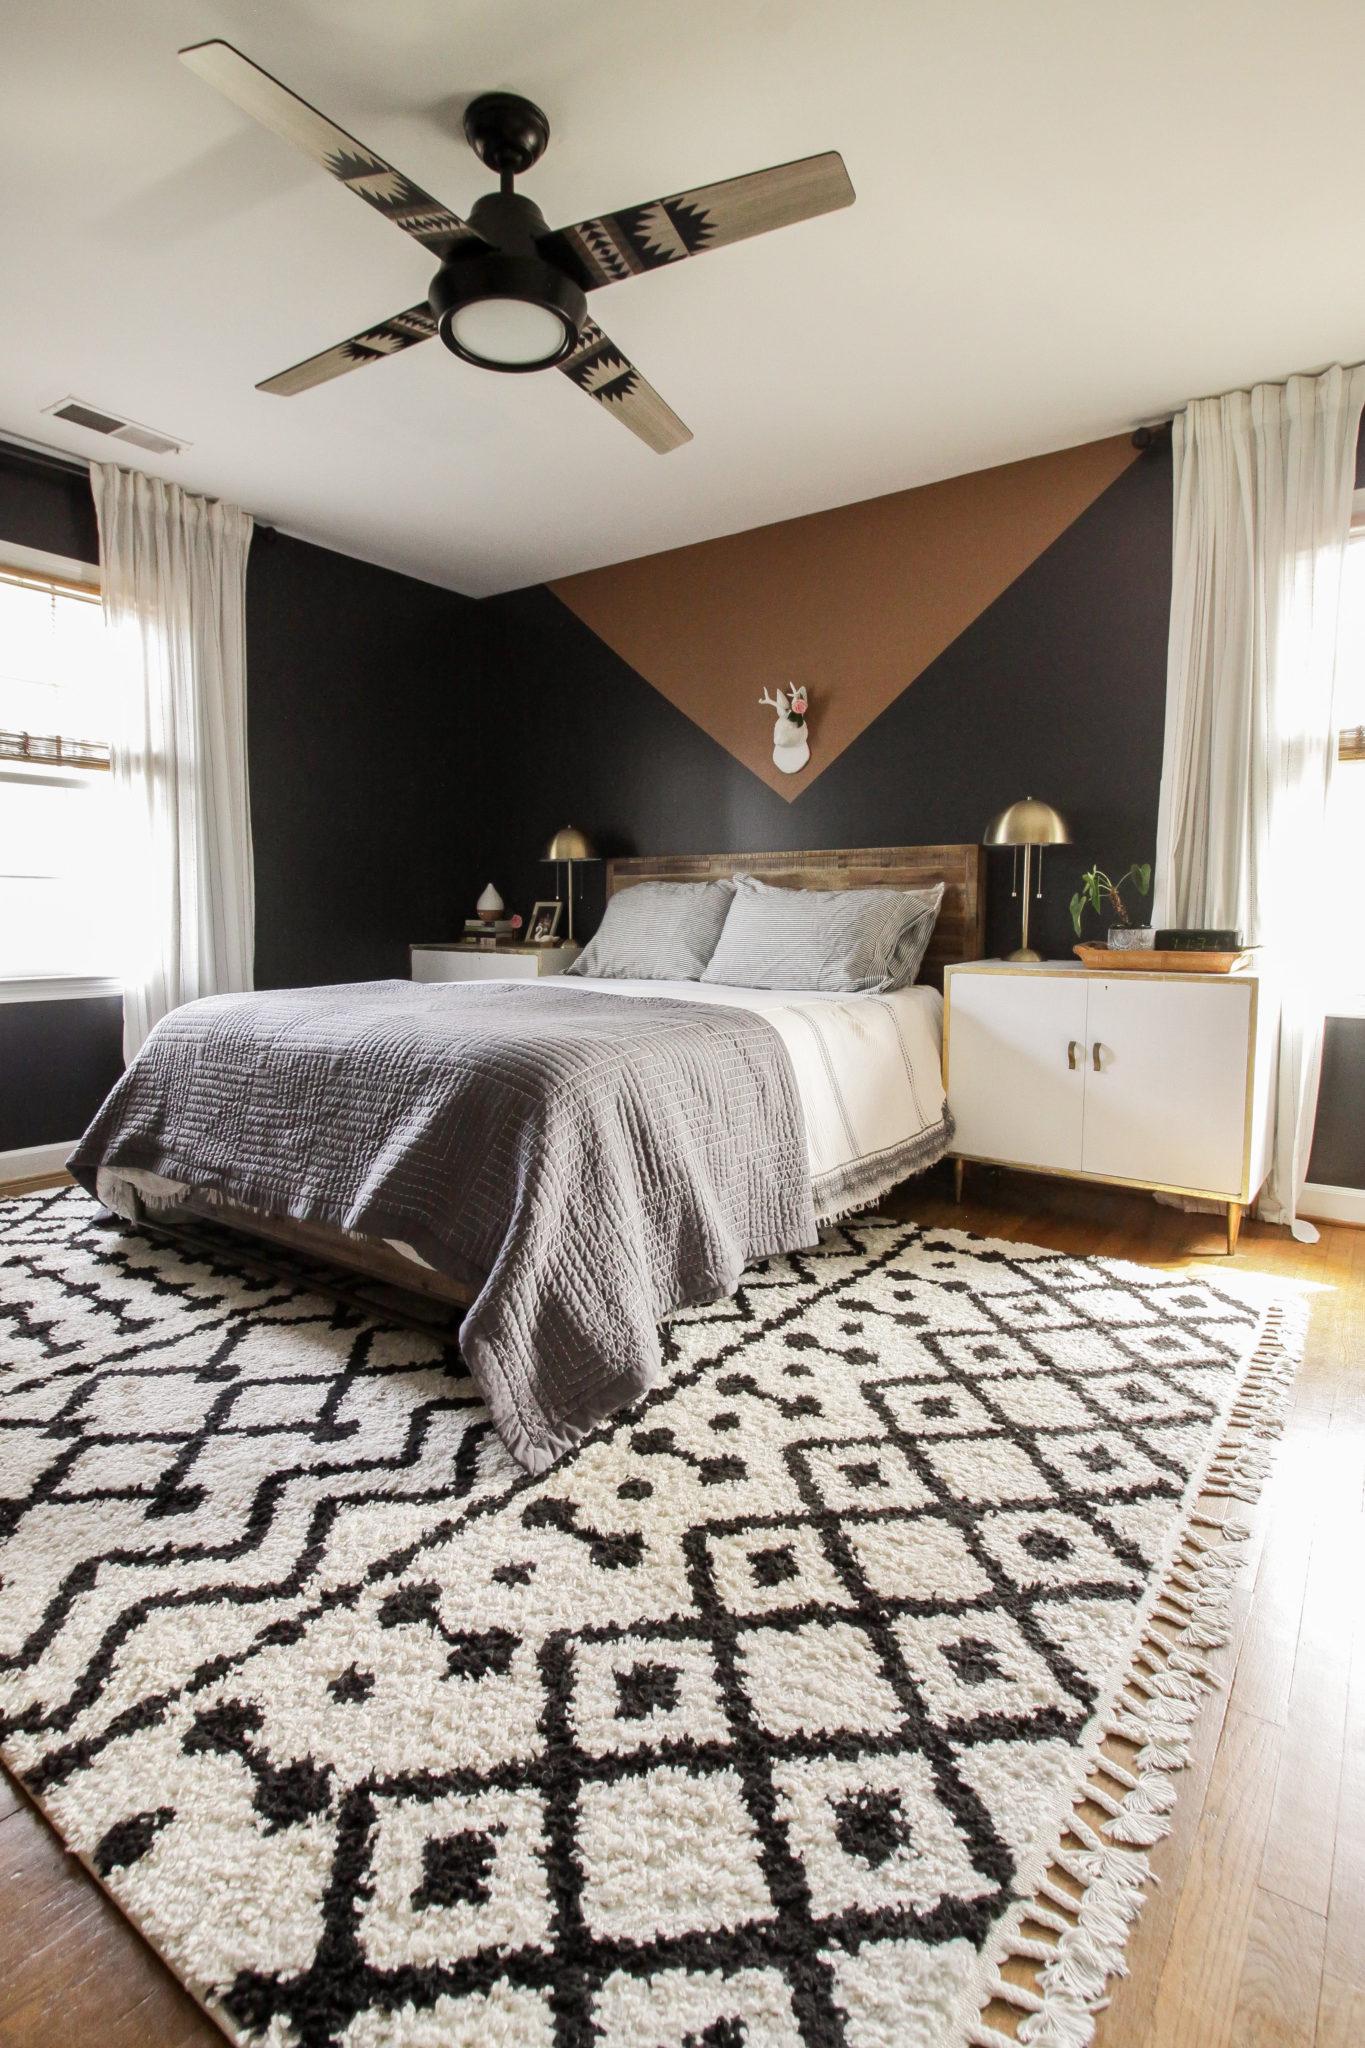 Cozy bedroom with black walls